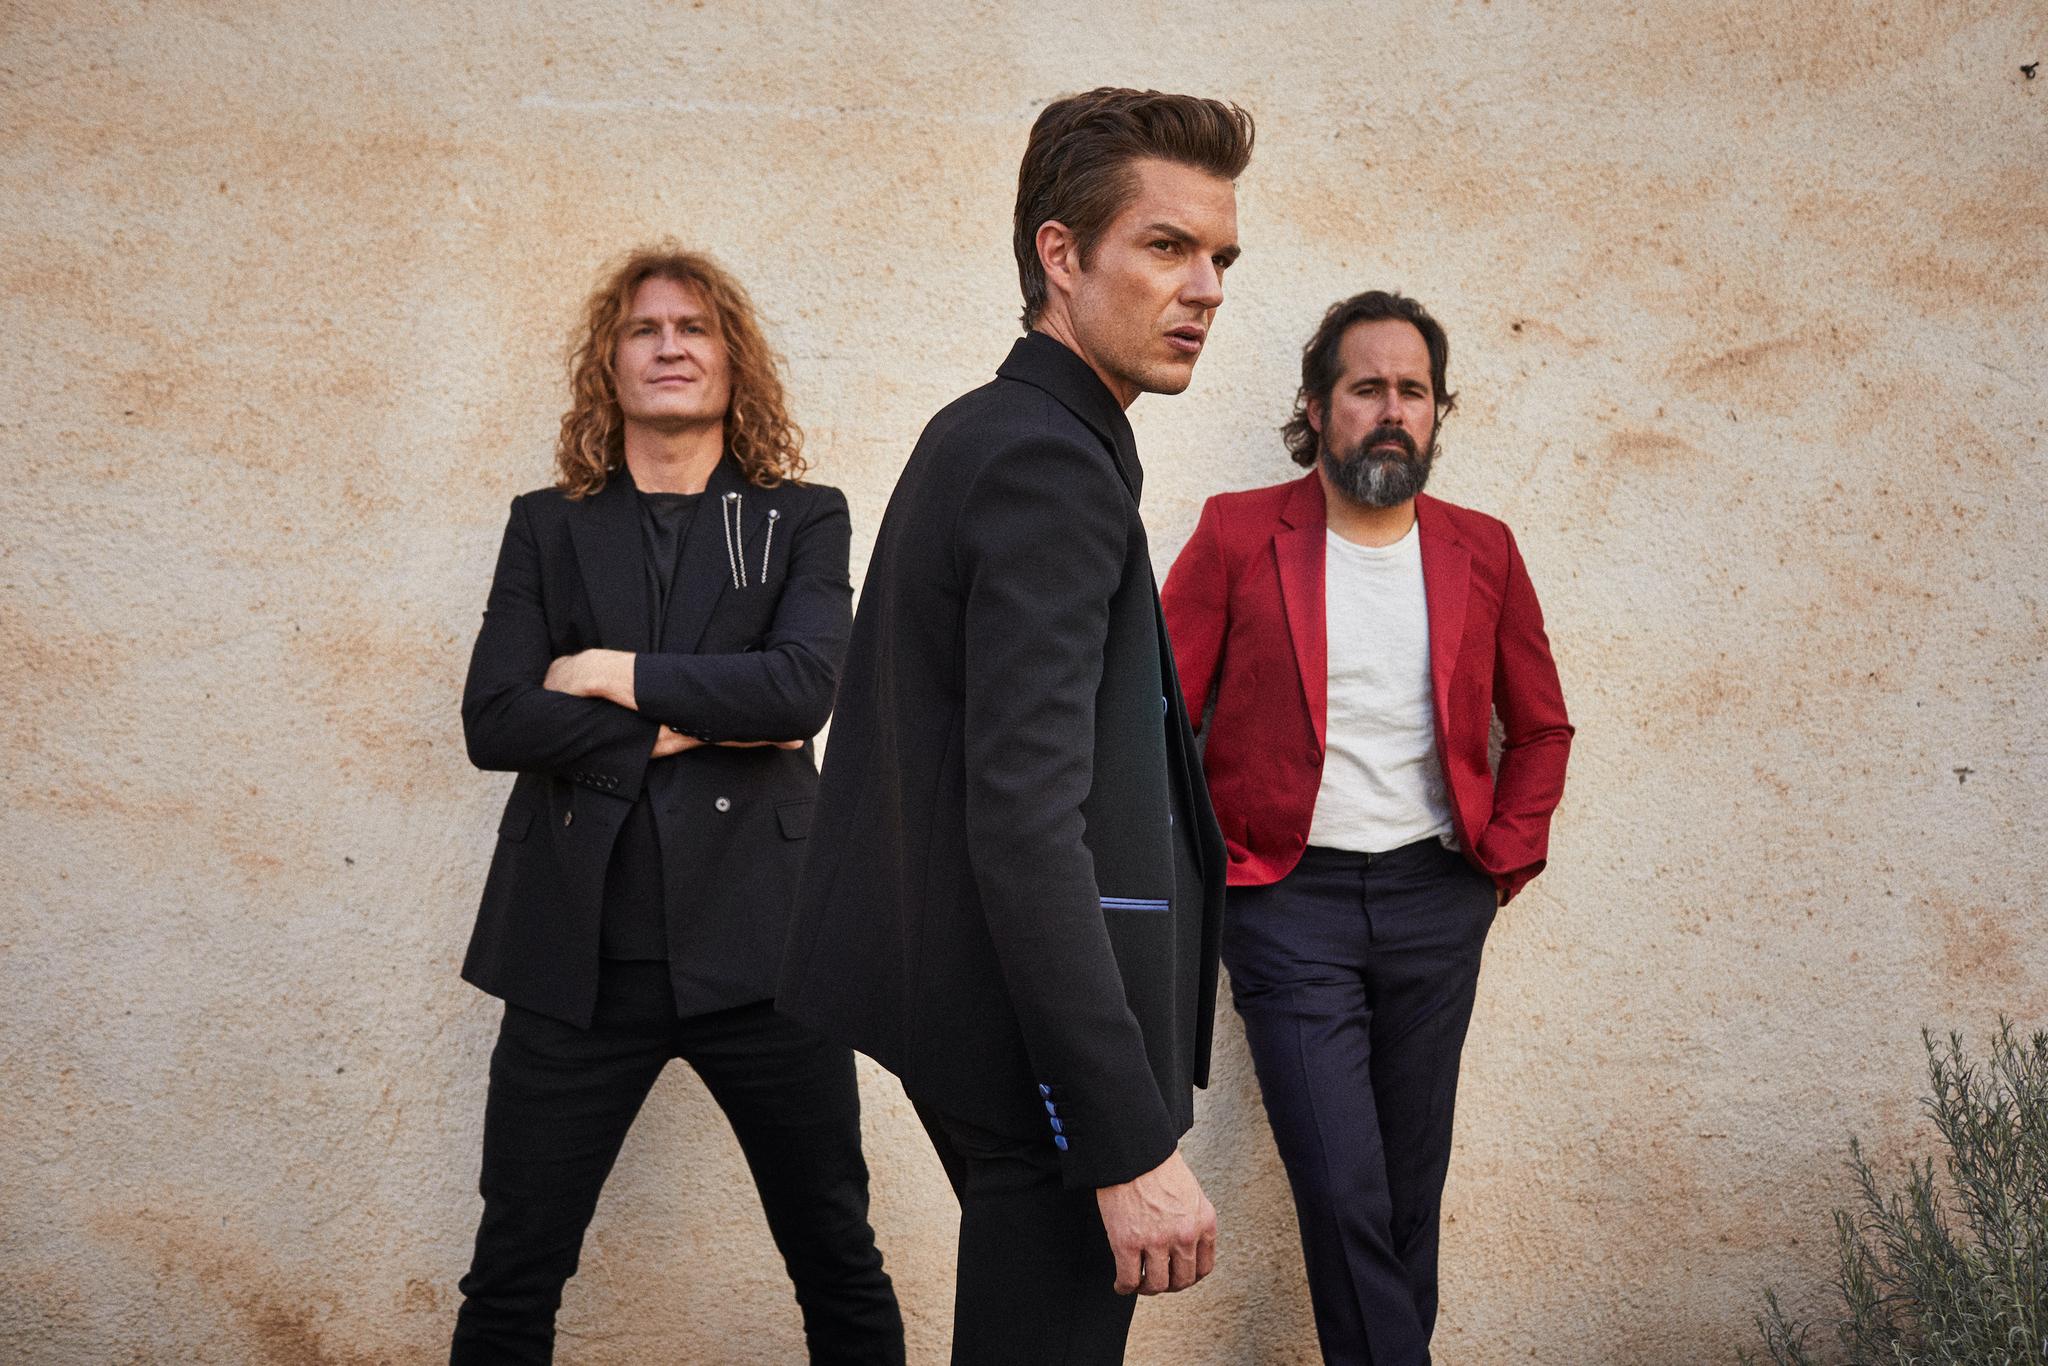 The Killersが1年ぶりのニュー・アルバム「Pressure Machine(プレッシャー・マシーン)」を本日リリース!日本盤CDは8月20日(金)発売